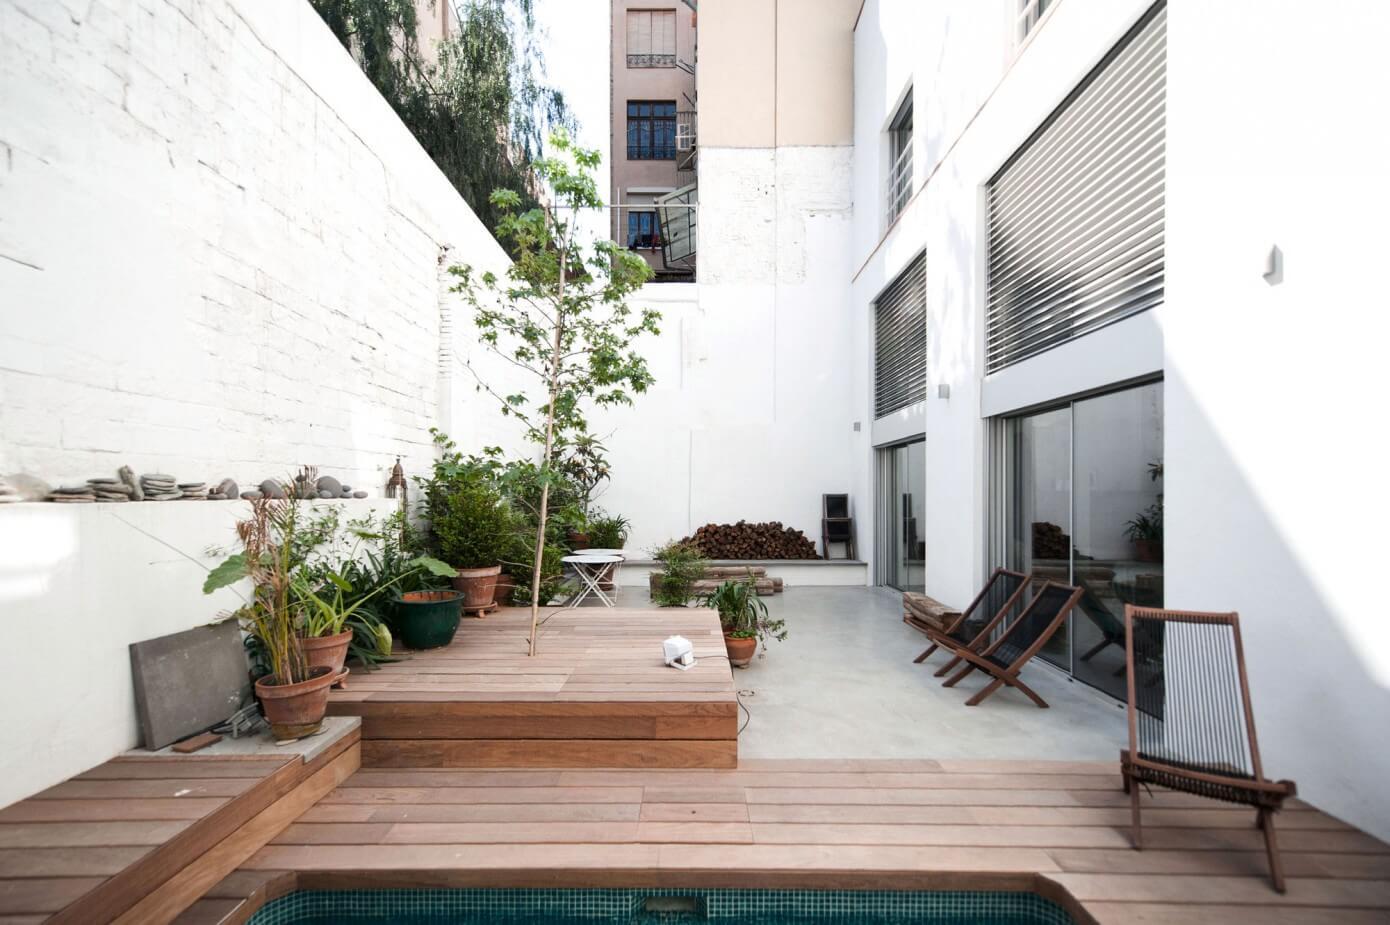 Gracia Residence by Lluís Corbella & Marc Mazeres